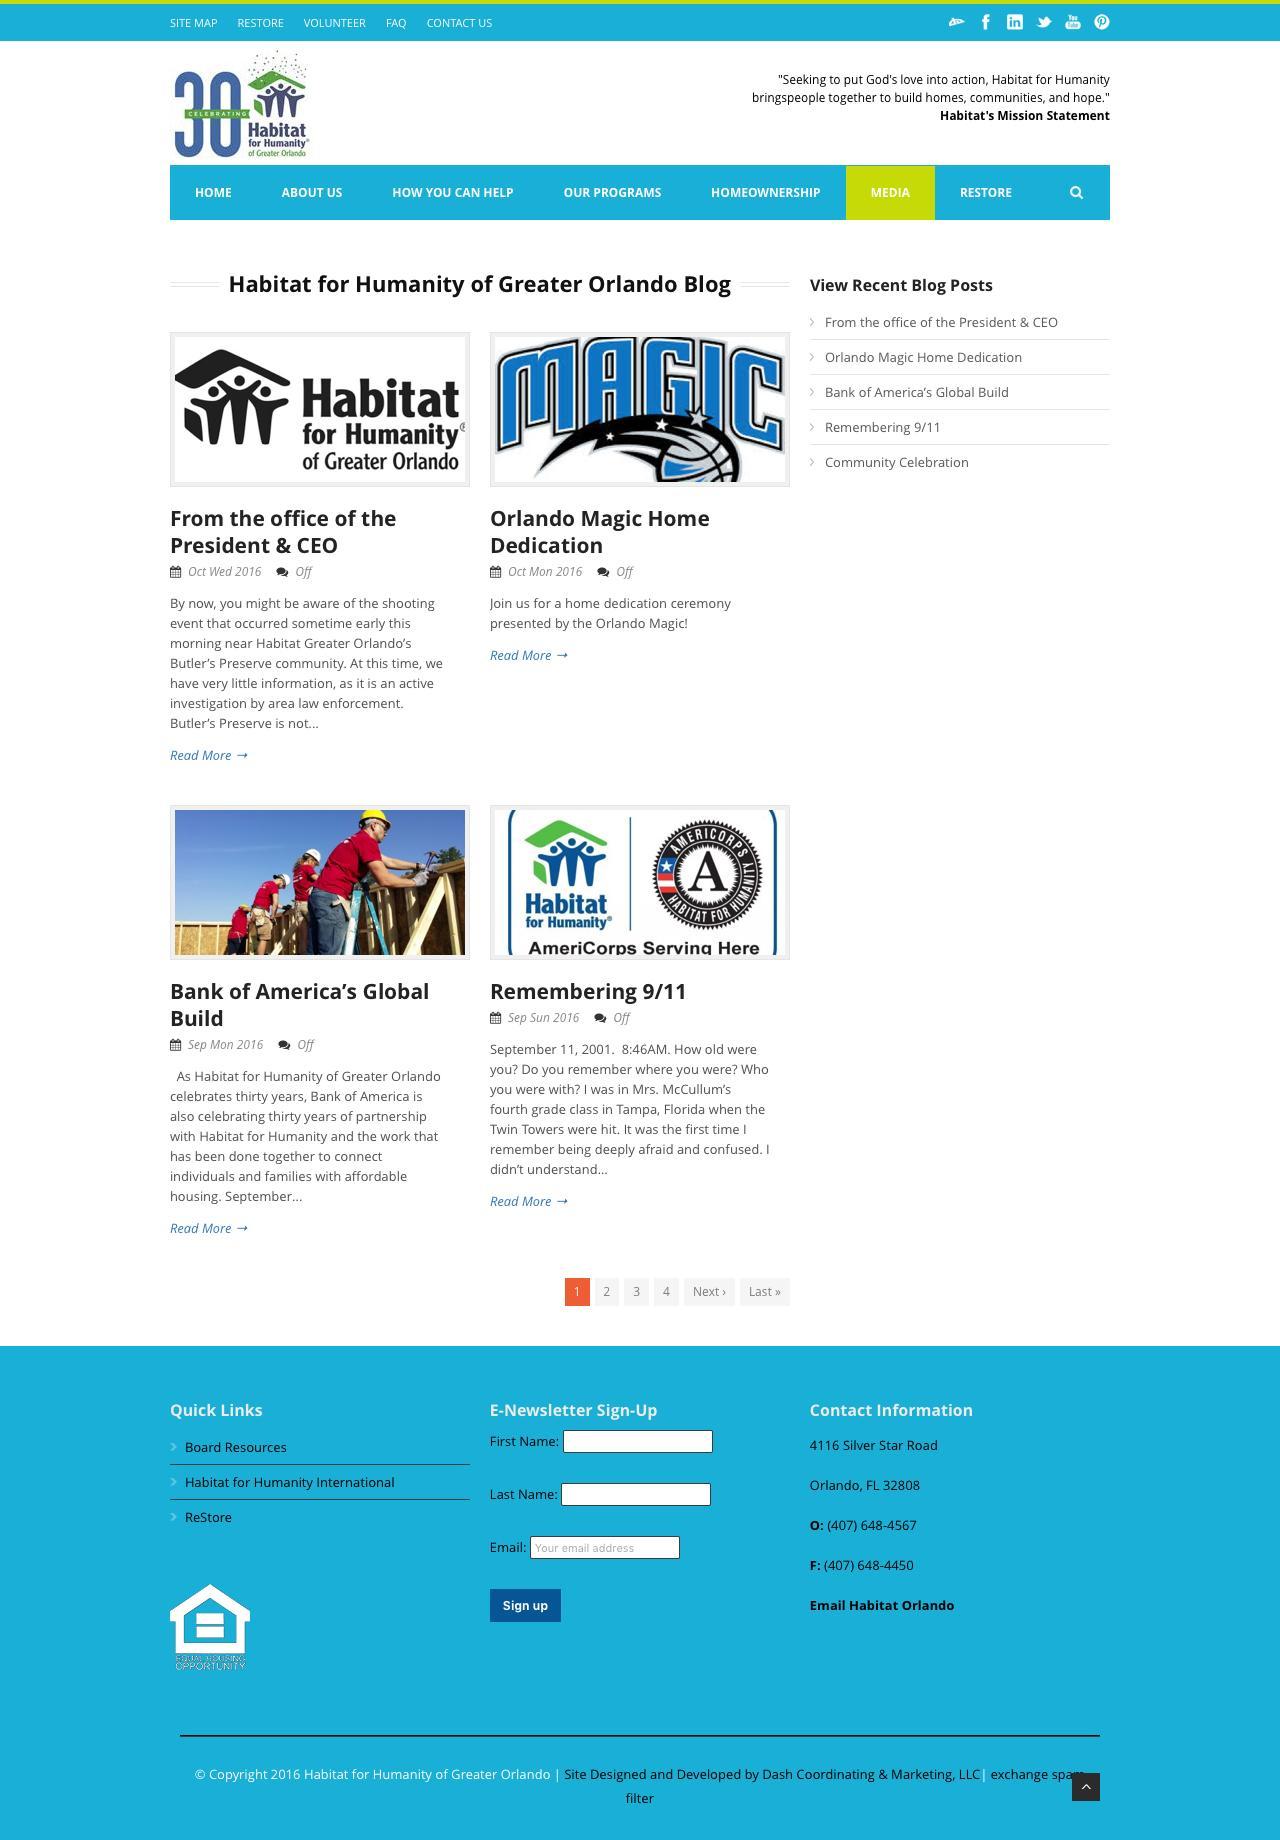 Screenshot of habitat-orlando.org - Habitat for Humanity of Greater Orlando   » Habitat for Humanity of Greater Orlando Blog - captured Oct. 17, 2016